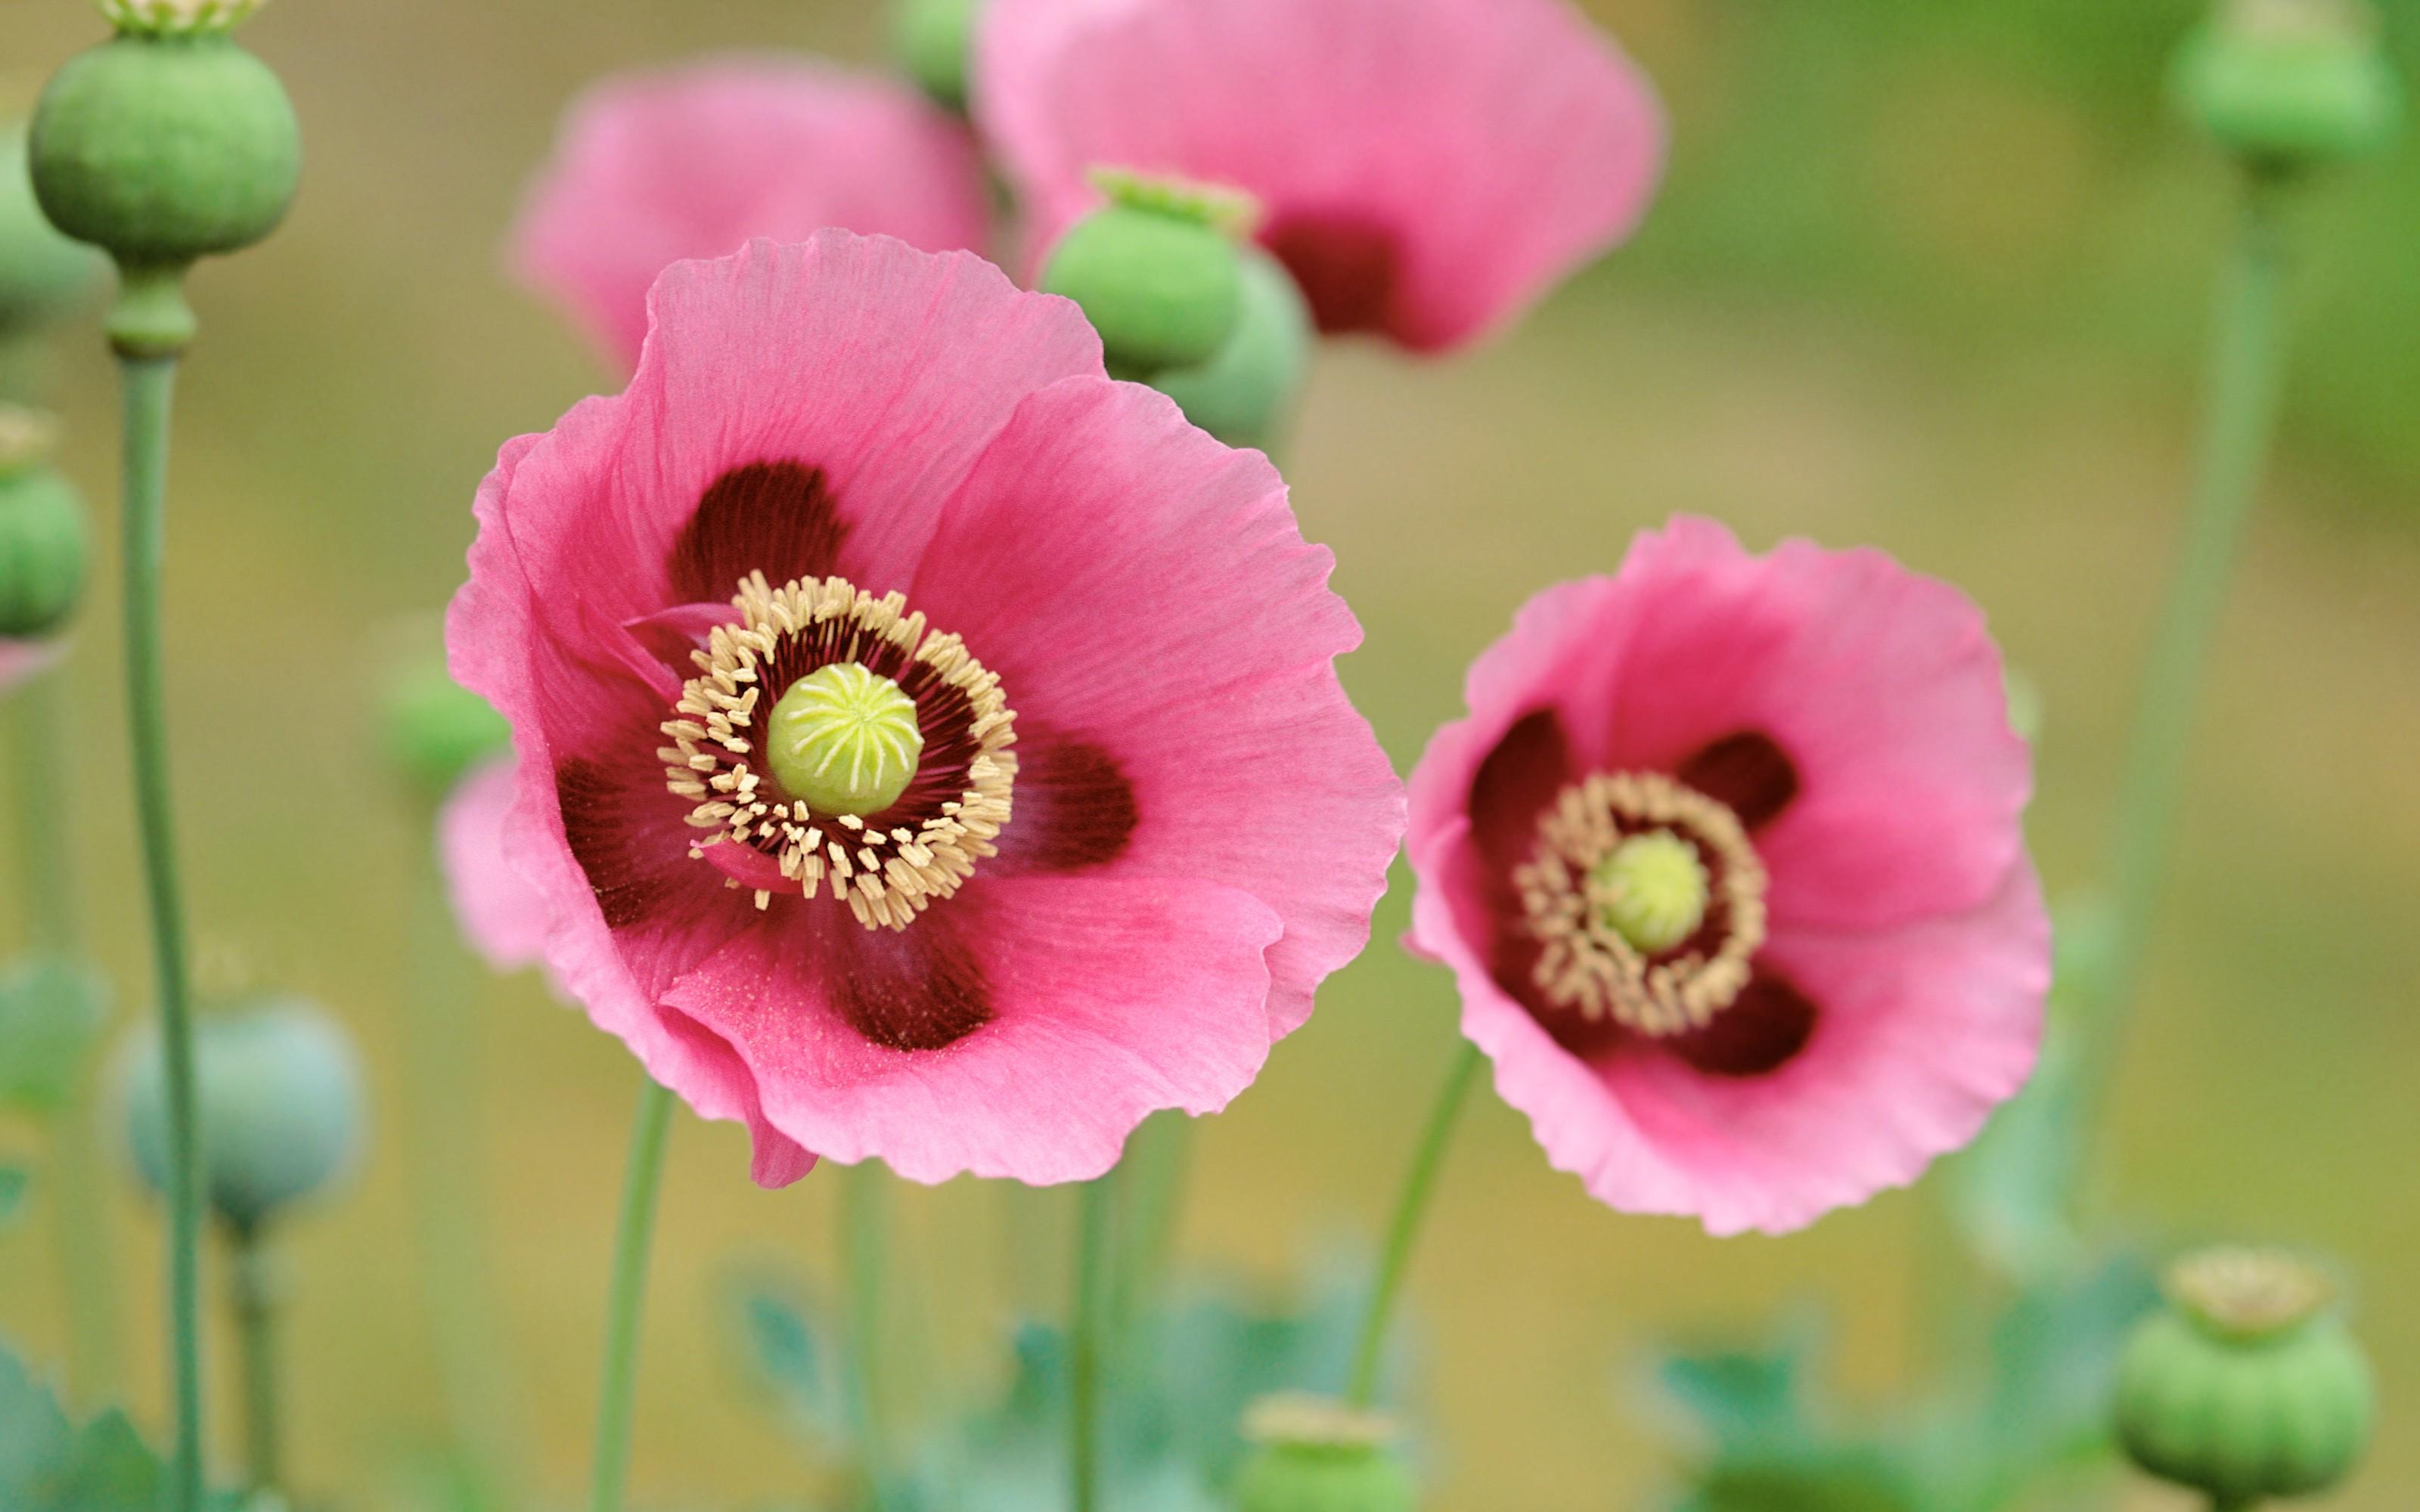 Flores en macro - 3200x2000